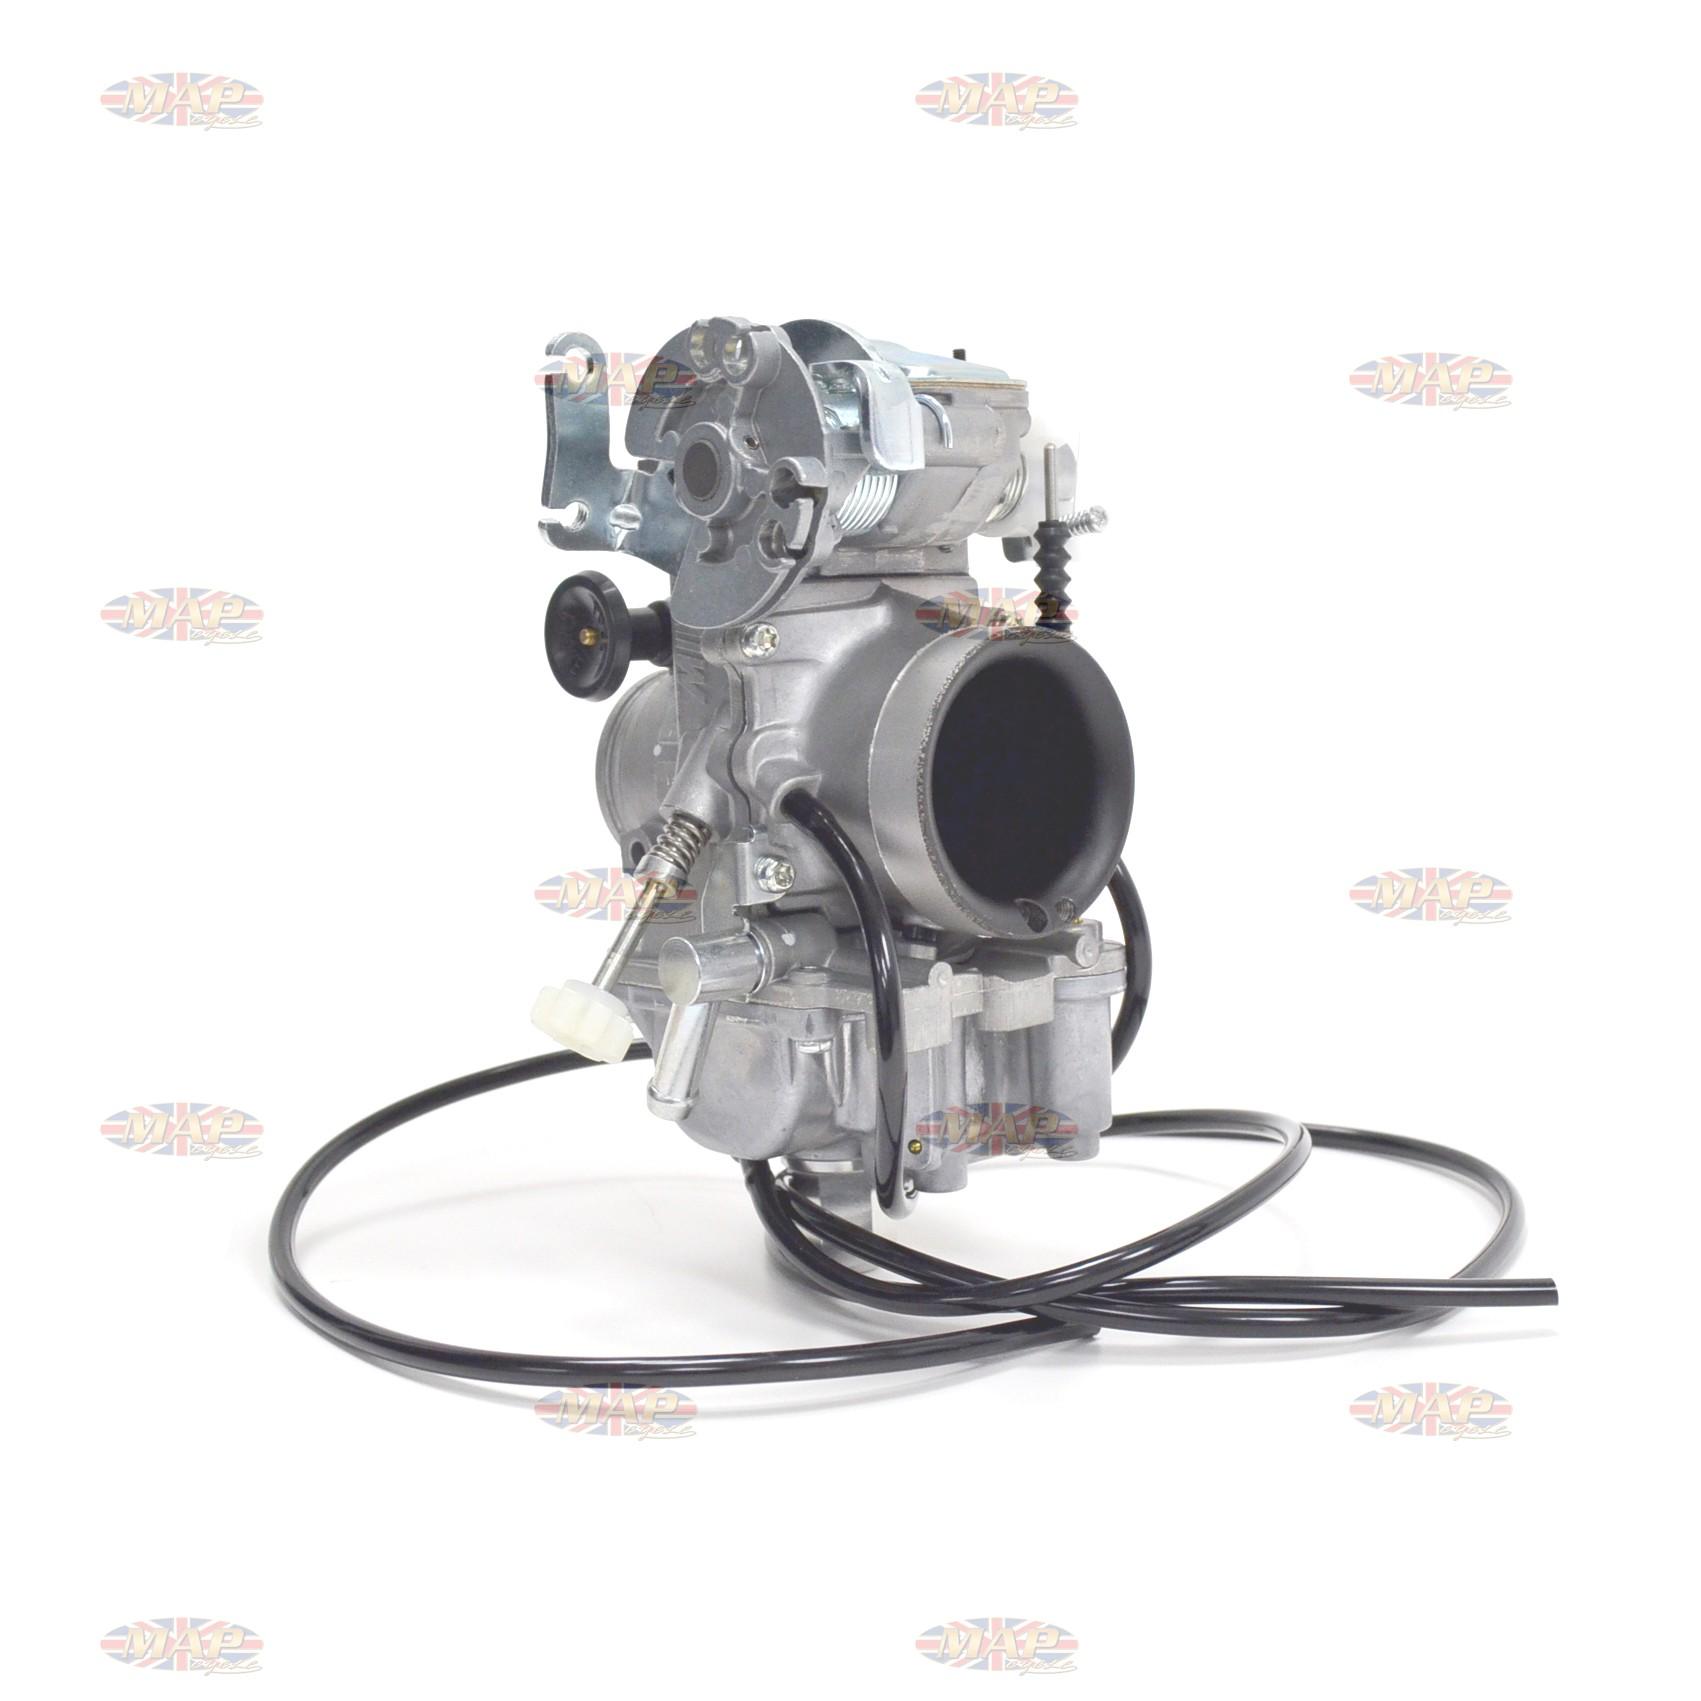 Mikuni TM36 Flat Slide 36mm Pumper Carburetor - Accelerator Pump TM36-68